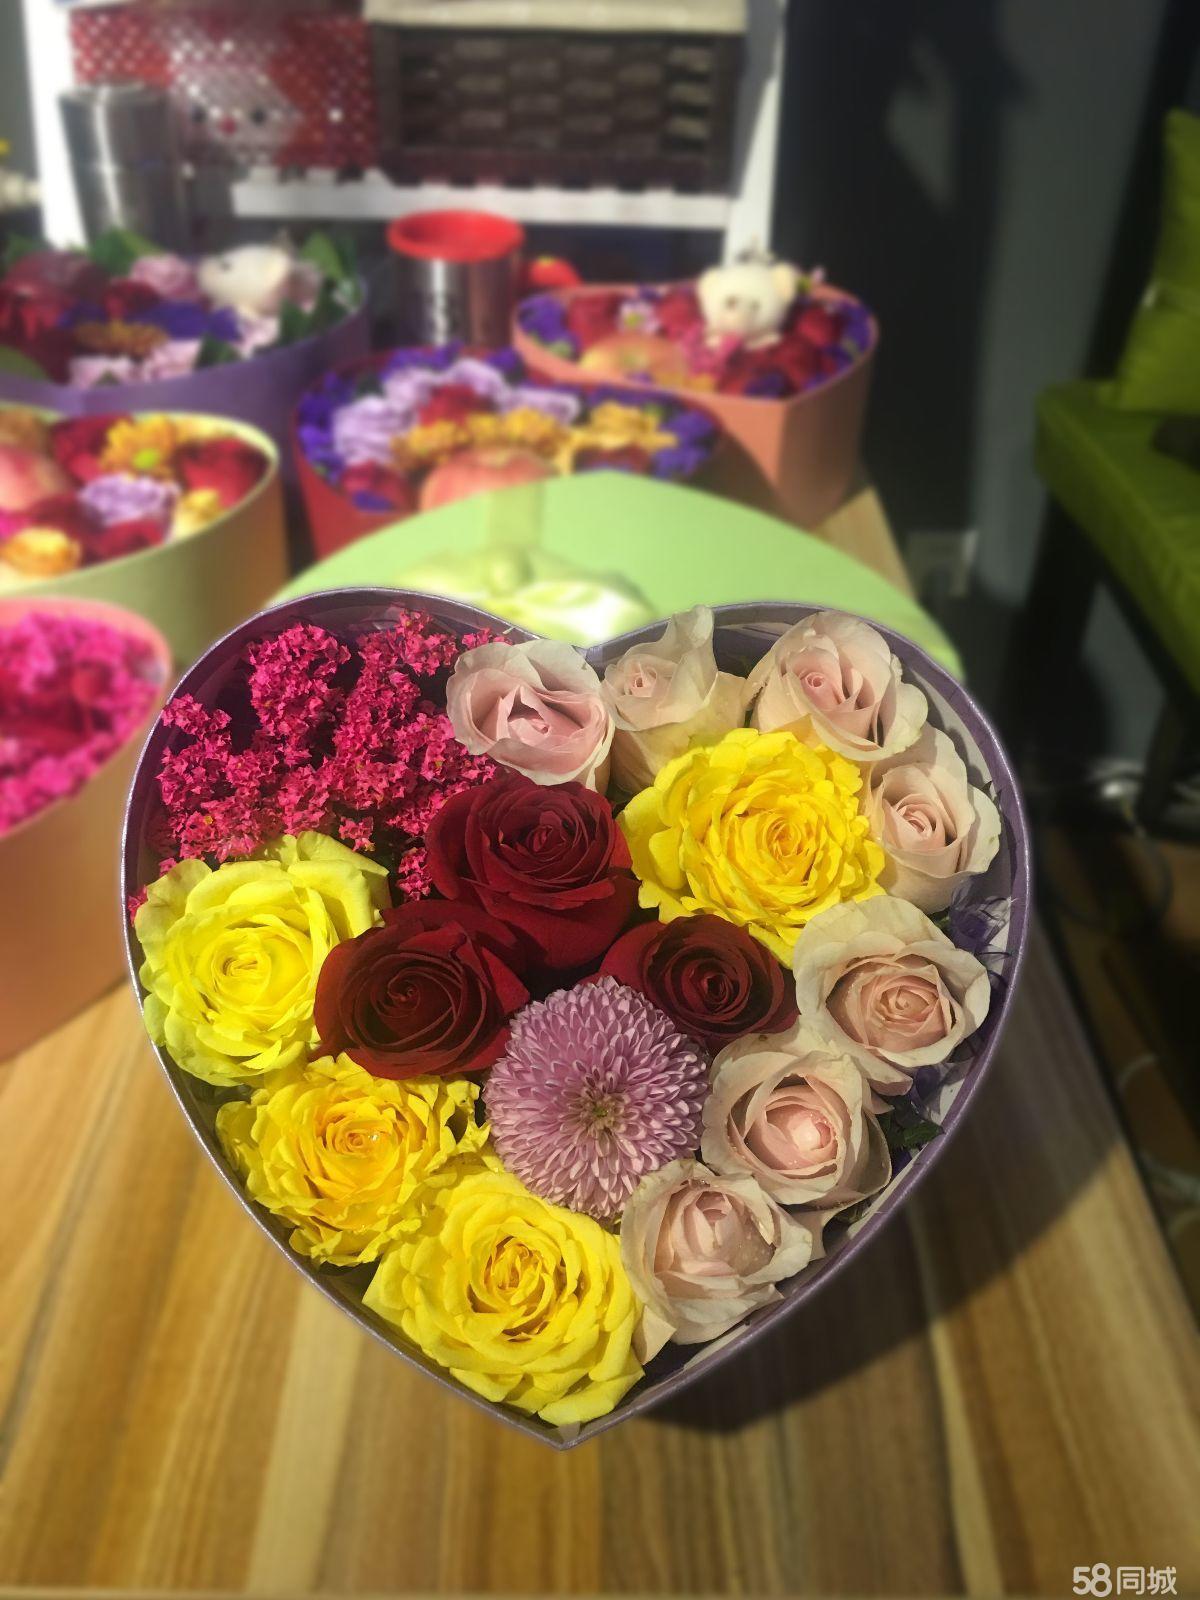 精美鲜花花束,大型卡通玩偶送惊喜《2017爱在一起